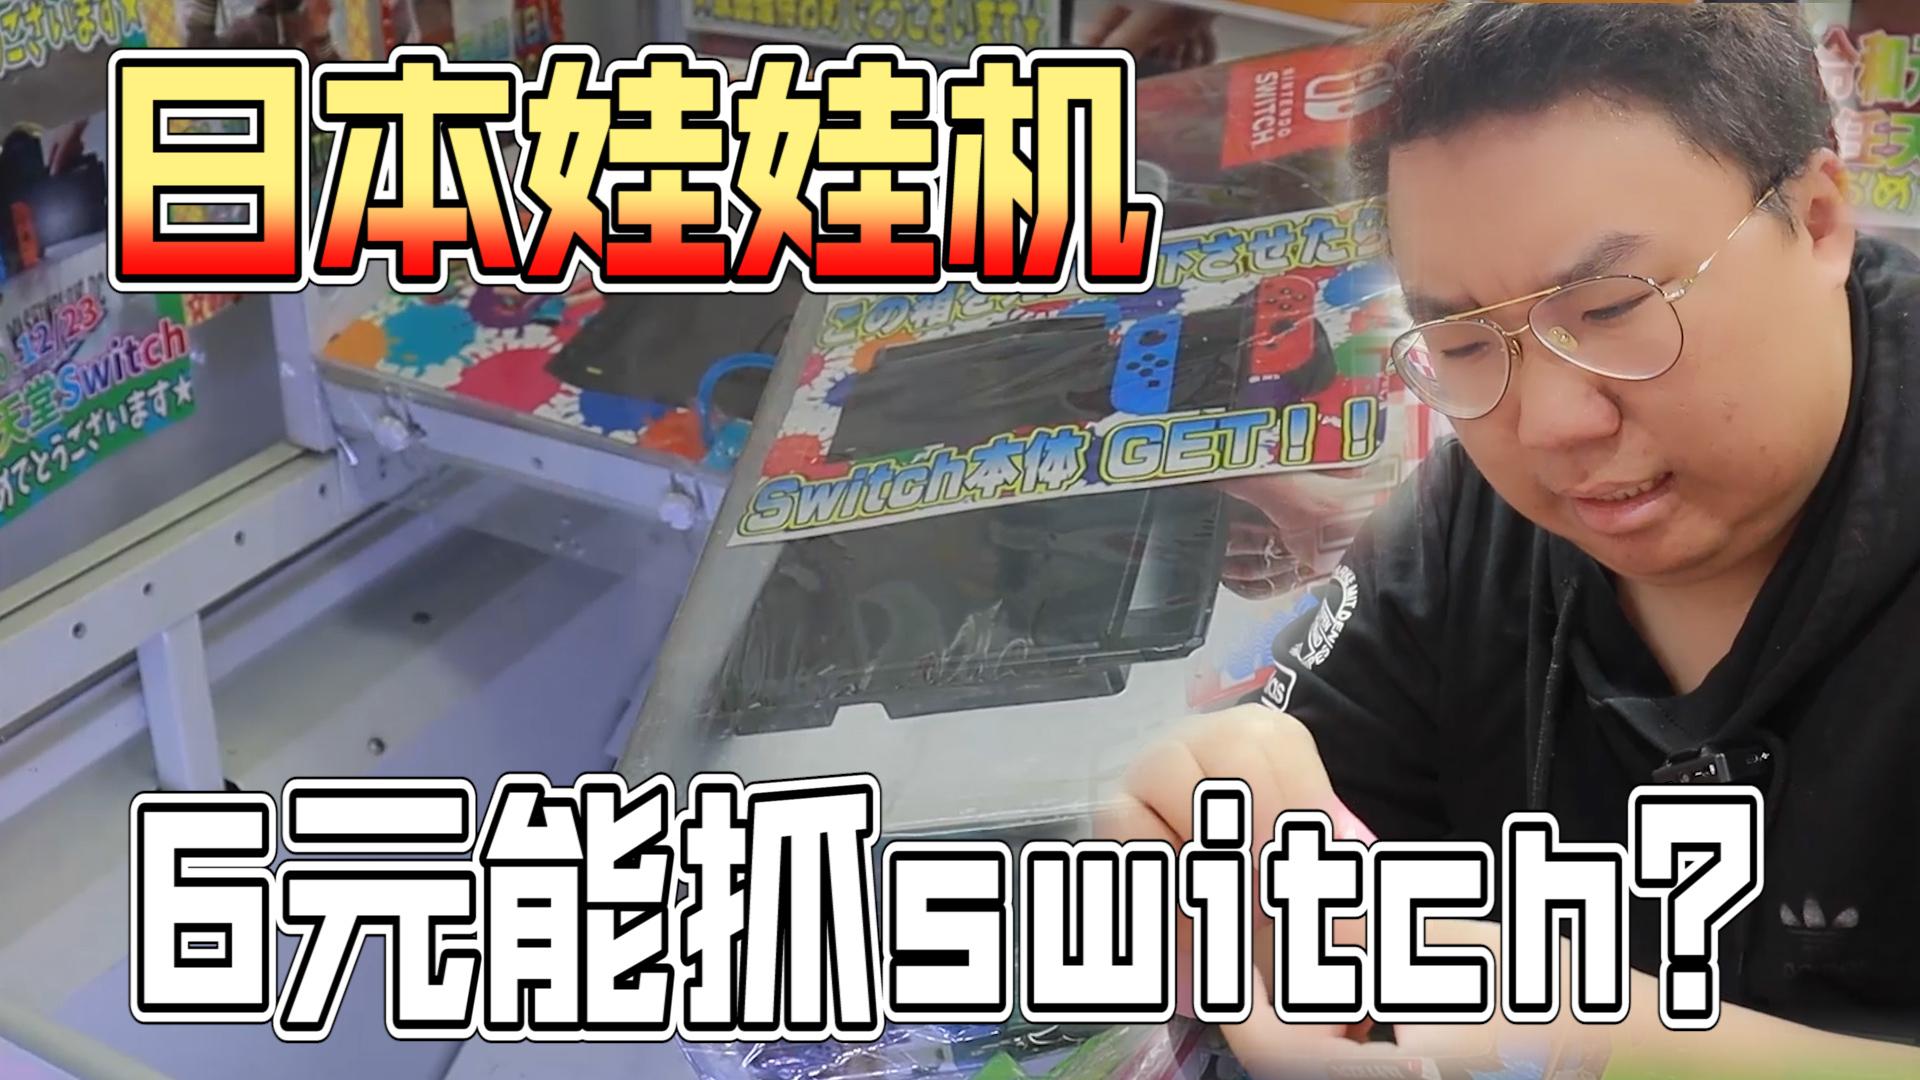 福利还是骗局?日本娃娃机竟然6块钱能抓switch?